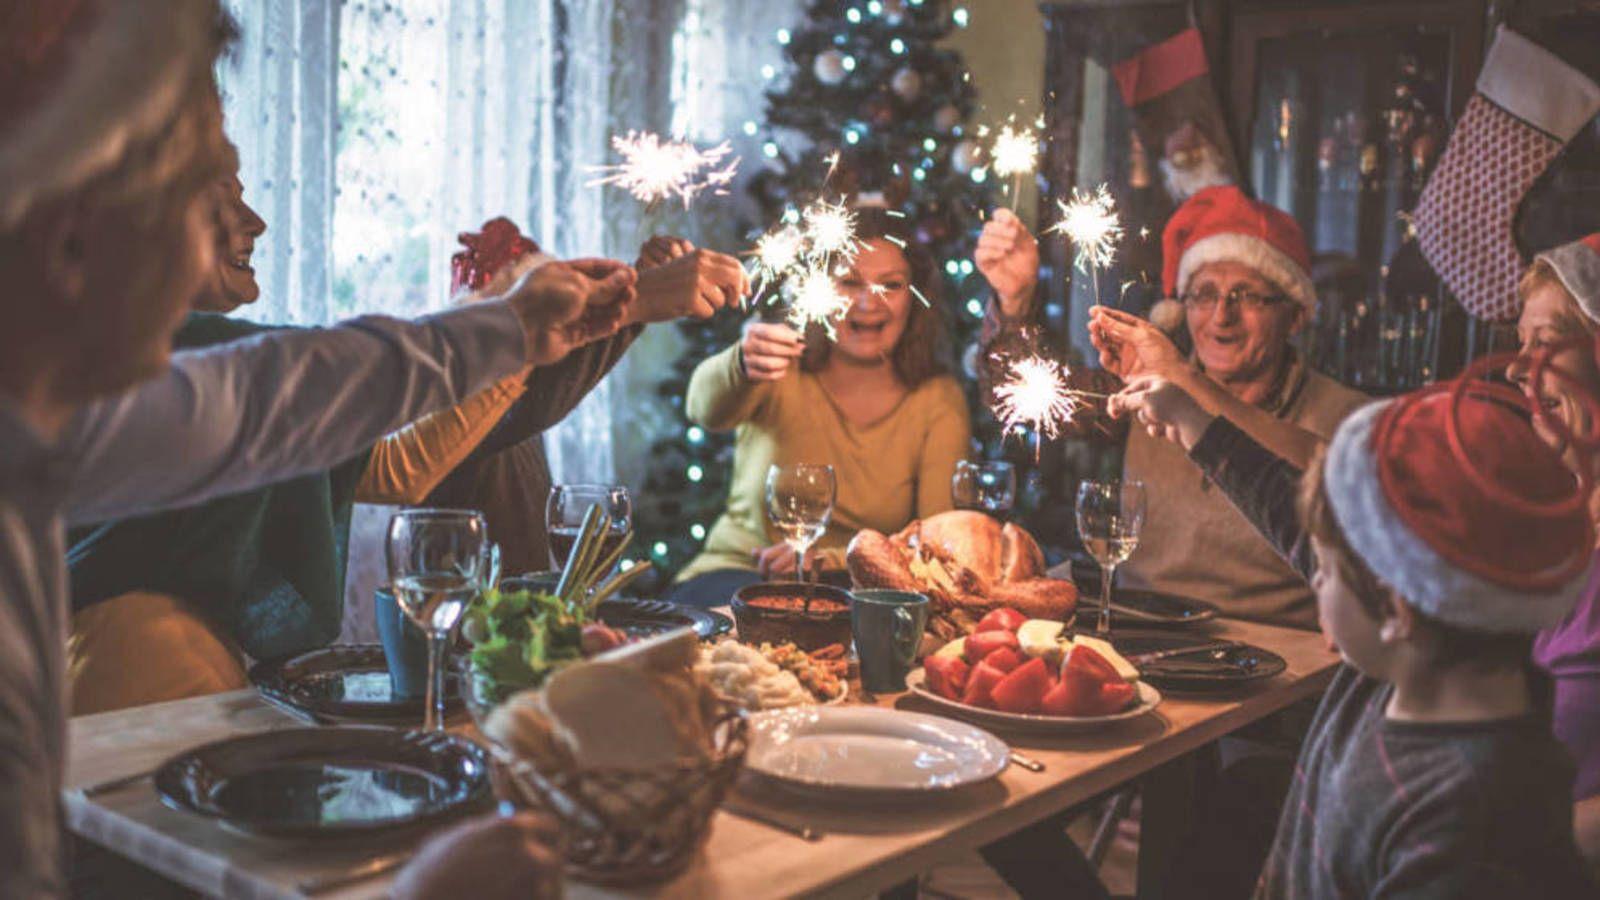 Navidad en Familia: Época de Amor, Unión Familiar y Alegría